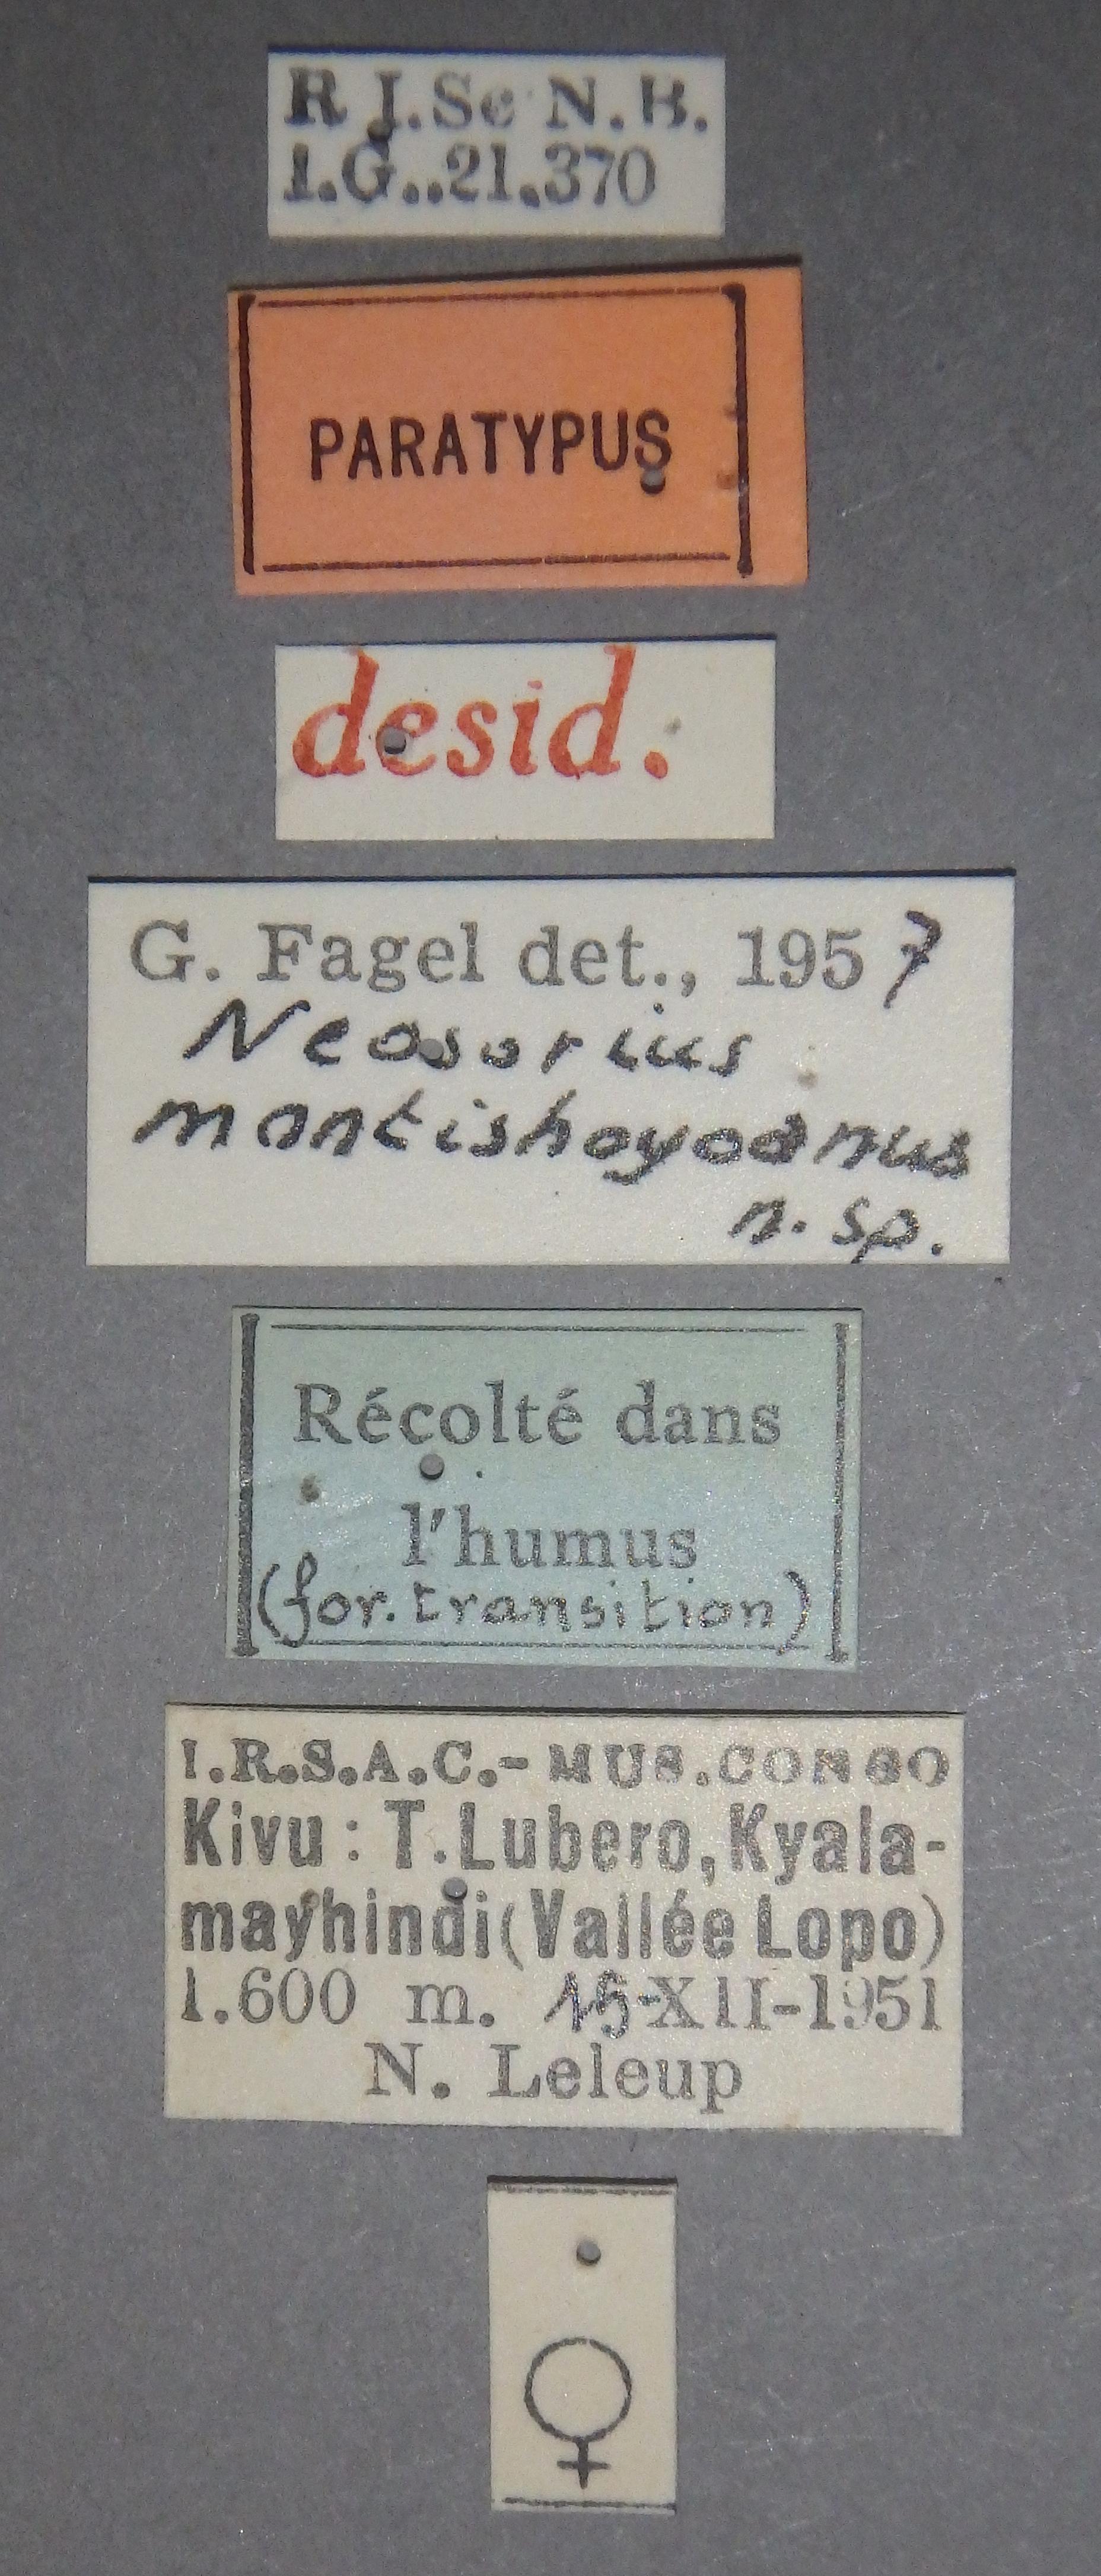 Neosorius montishoyoanus pt Lb.JPG